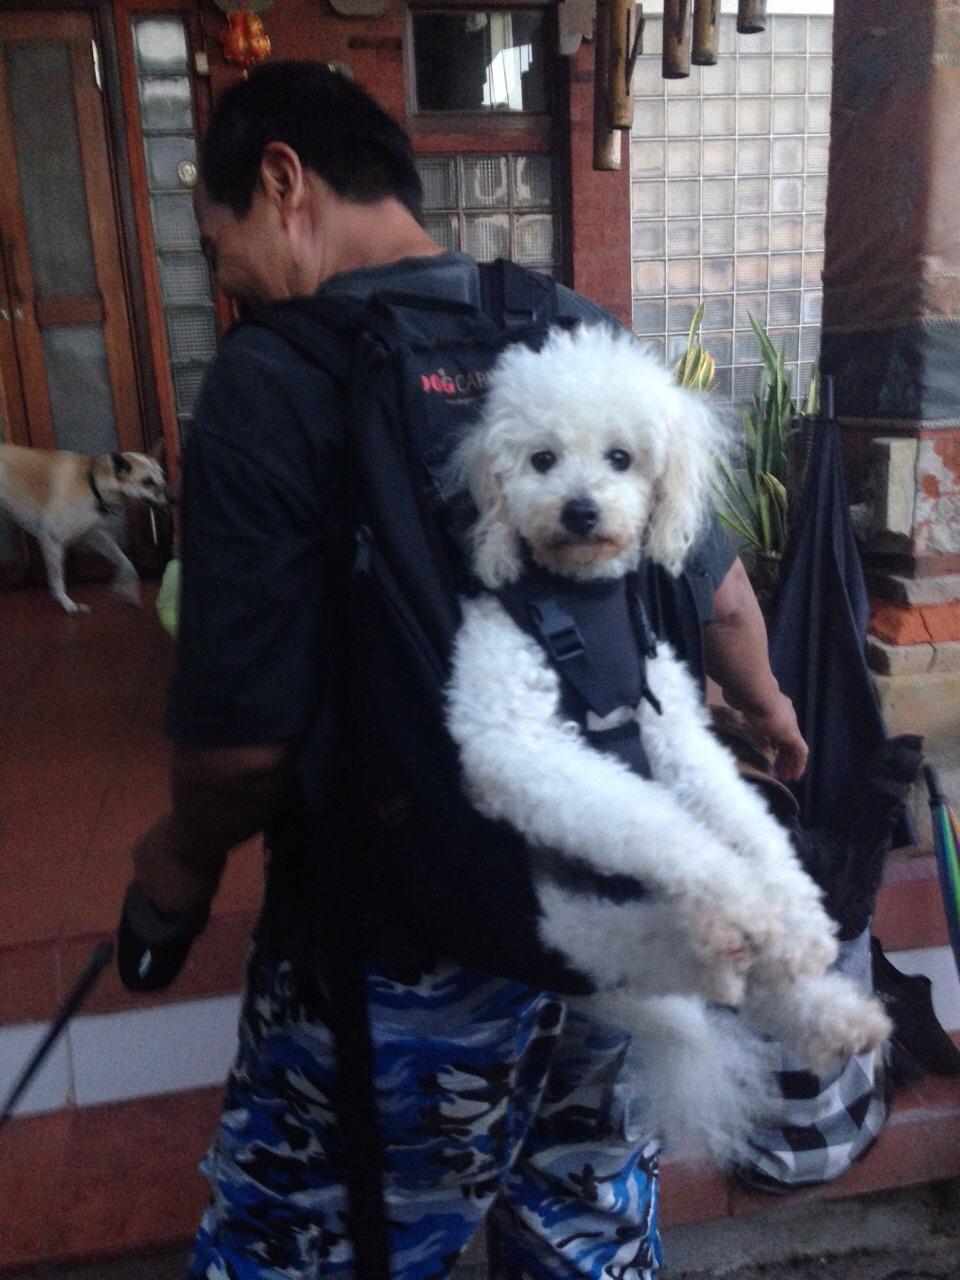 Hier ein behinderter Hund in der Dog carrier Hundettasche